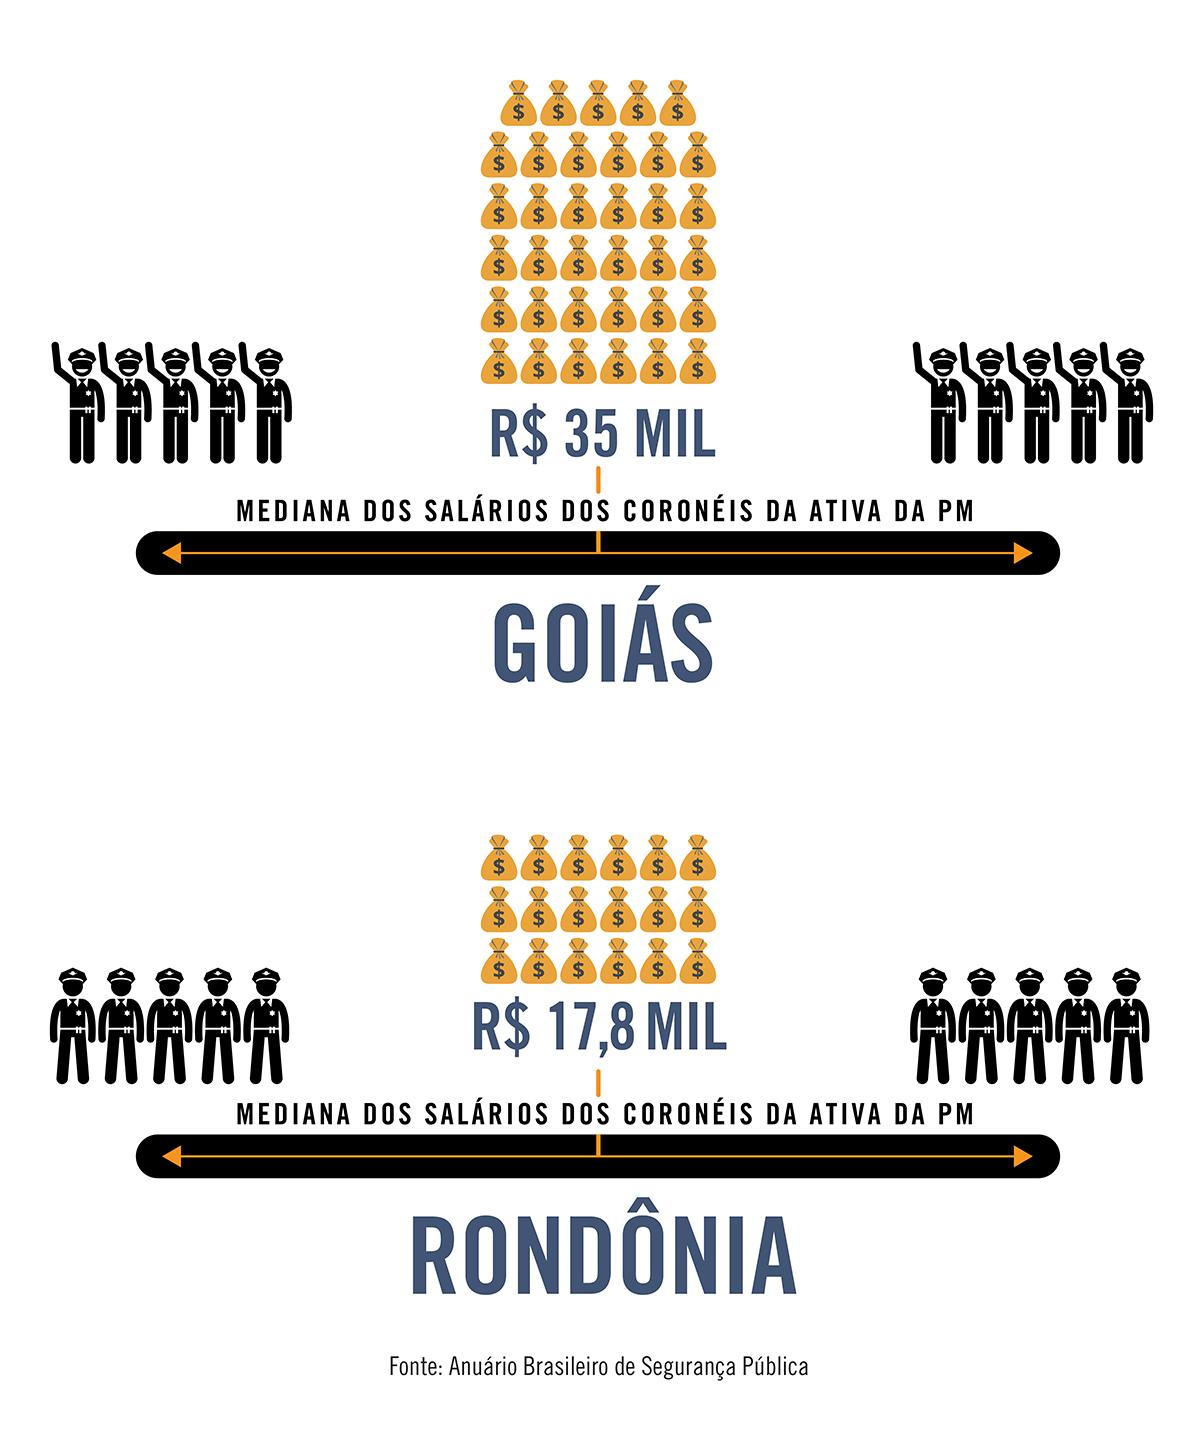 Um coronel da PM de Goiás ganha o mesmo que dois coronéis da PM de Rondônia